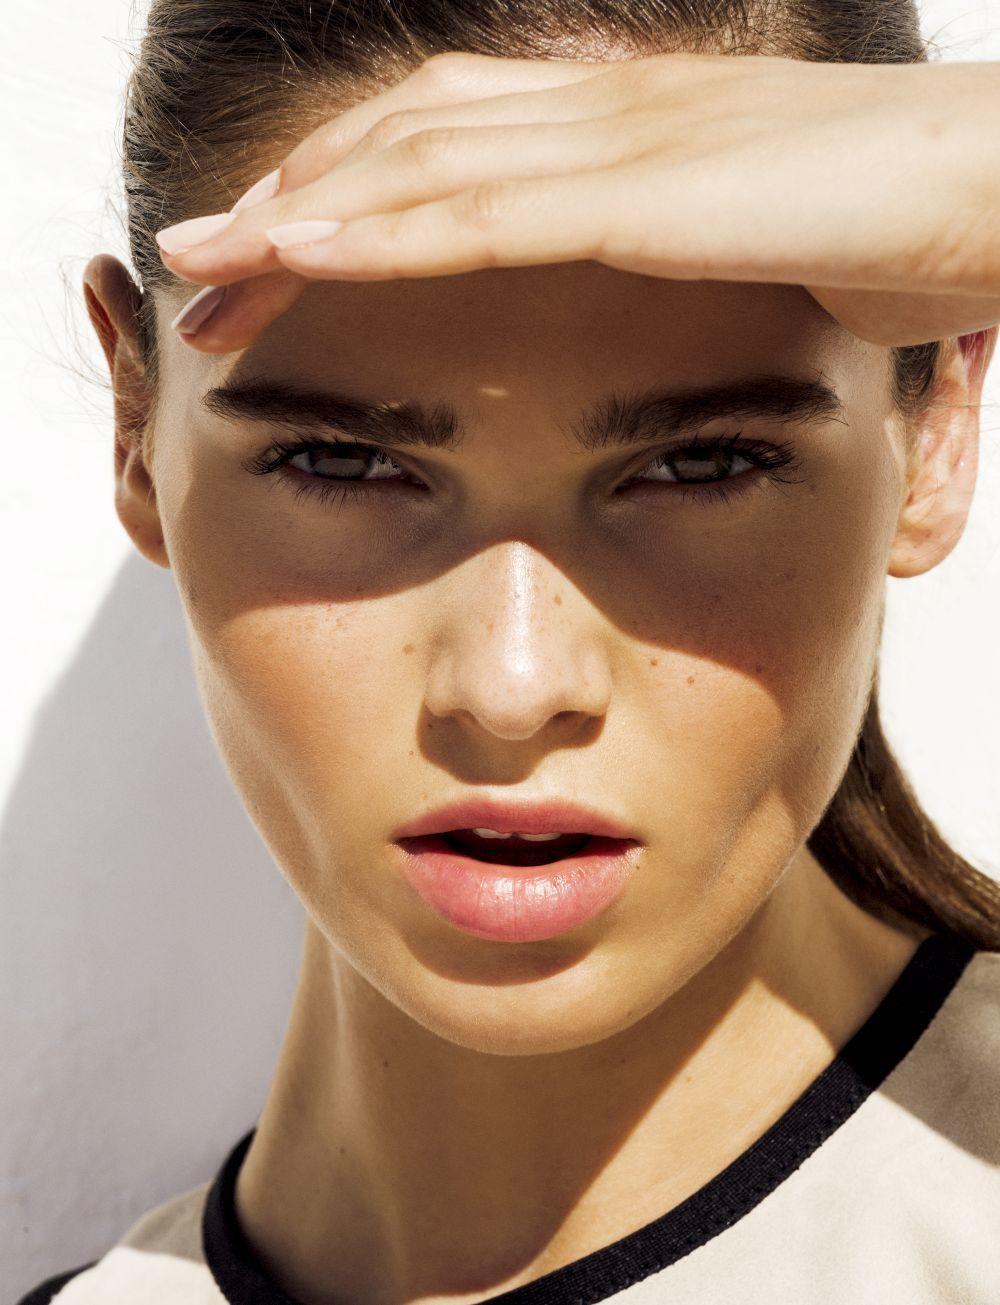 Las manchas se originan debido a la exposición solar sin crema...